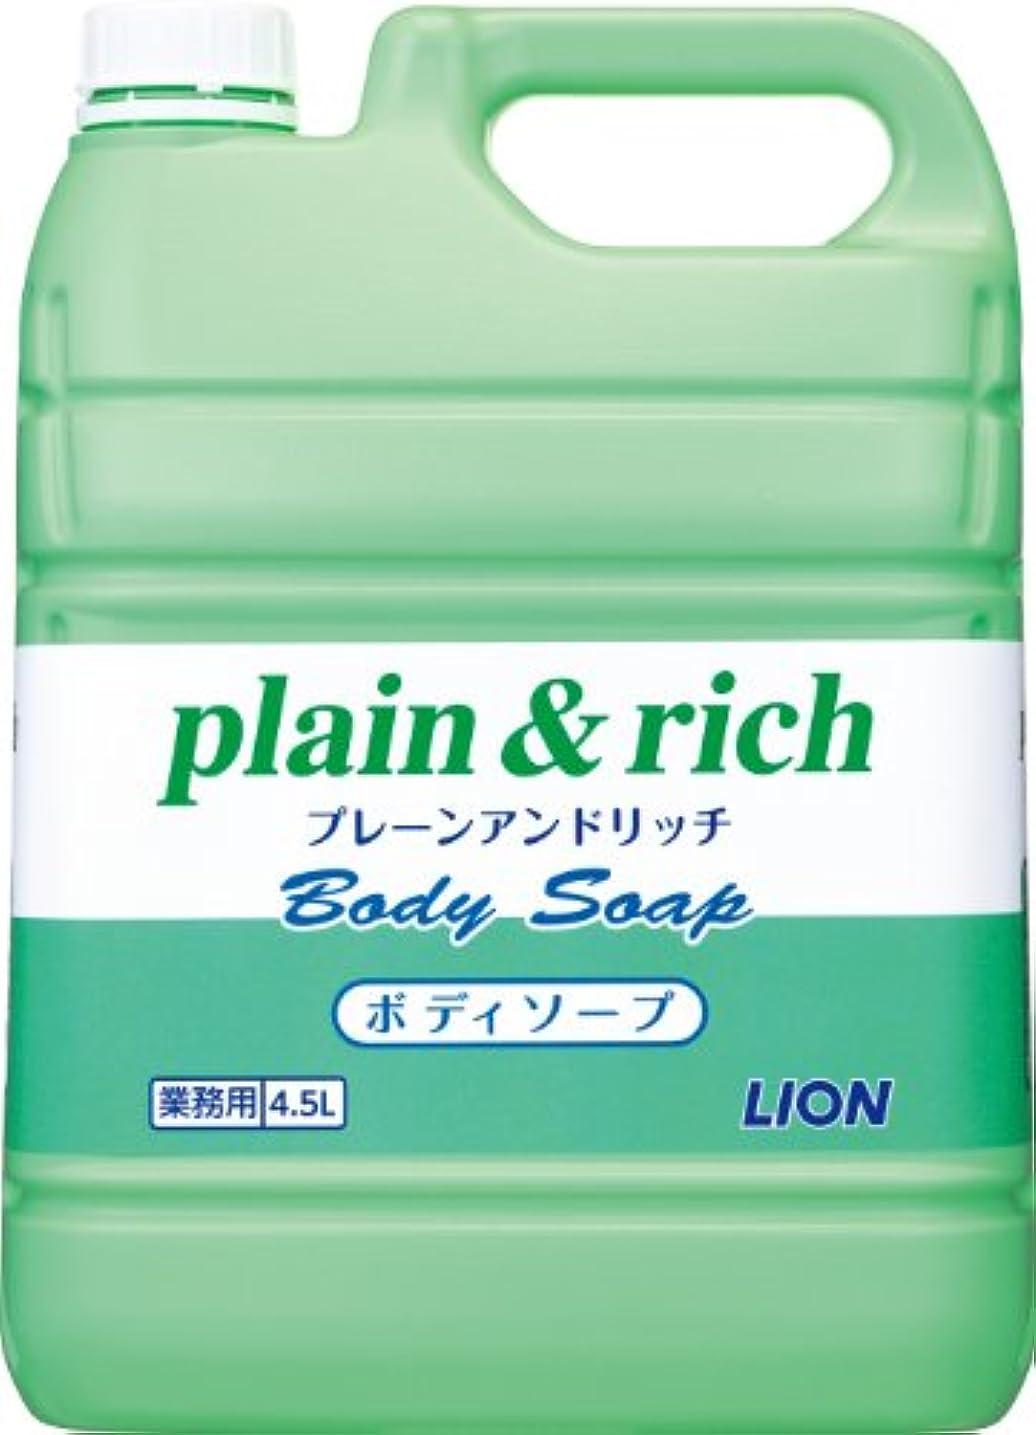 スパイラルパン国歌【業務用 大容量】プレーン&リッチ ボディソープ 4.5L